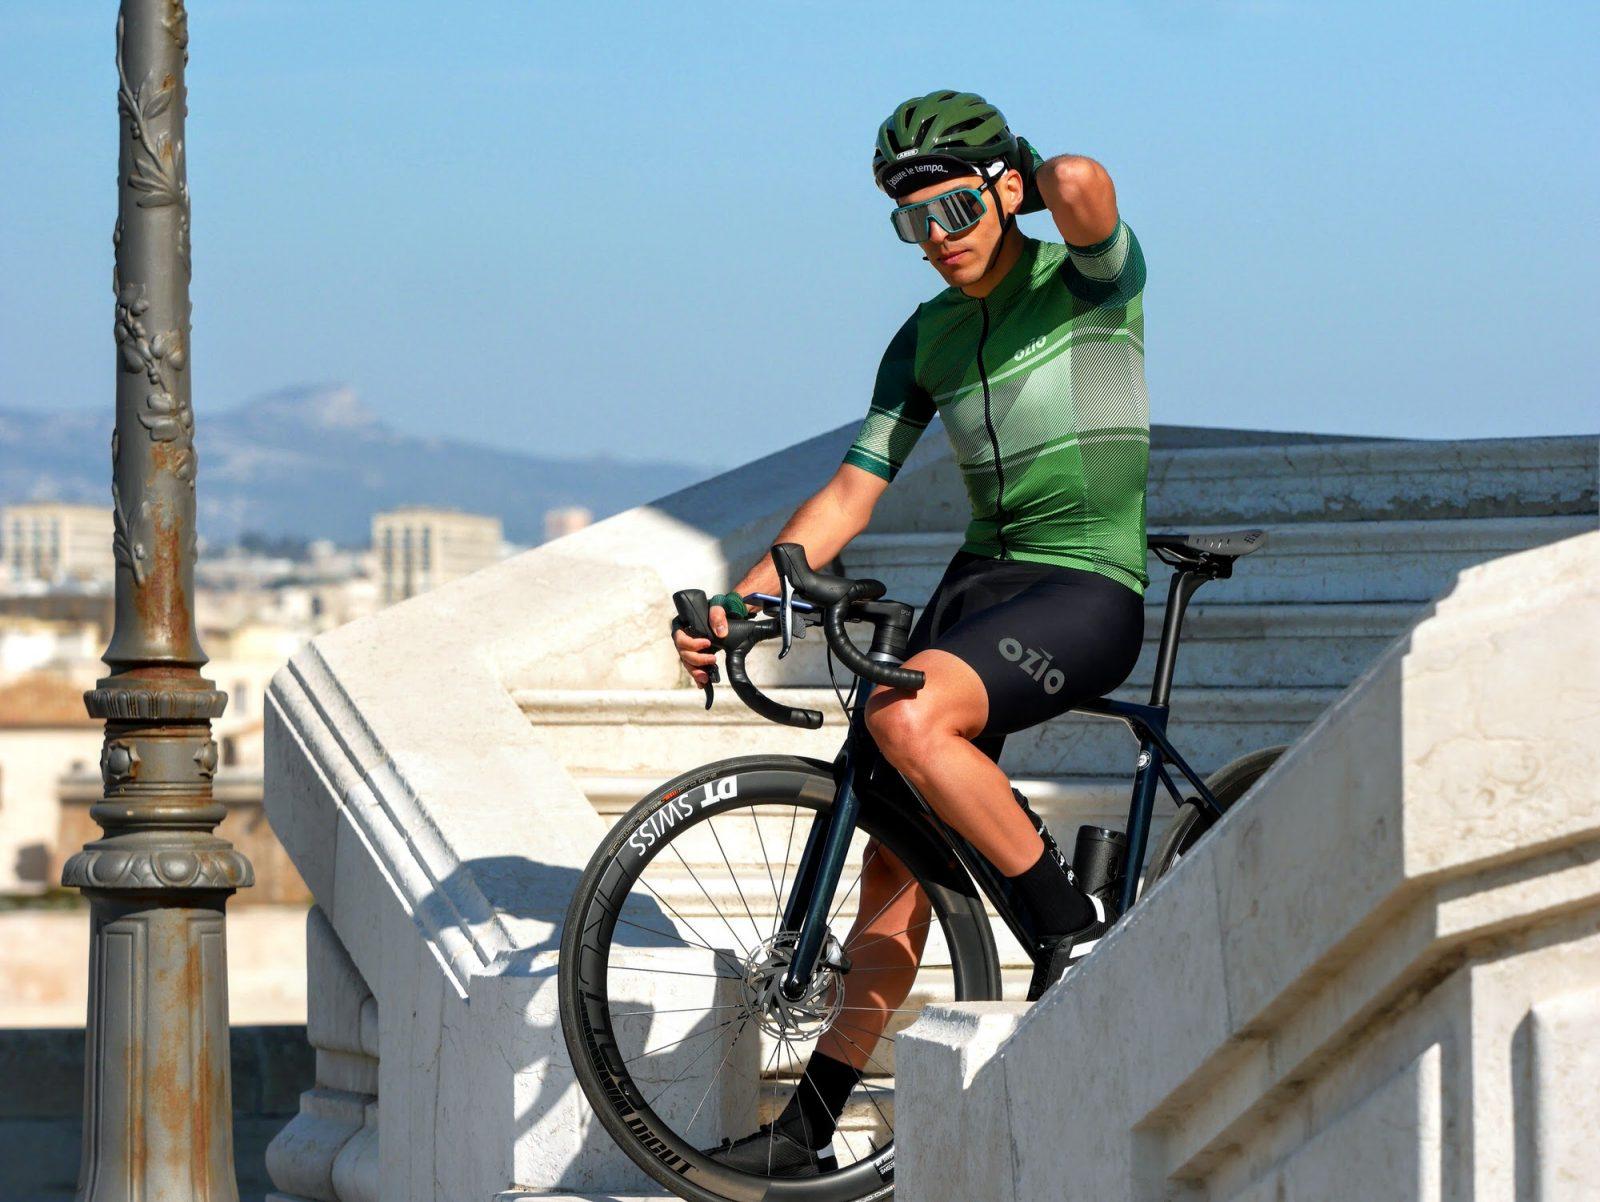 Maillot de vélo été homme sur vélo à l'arrêt OZIO